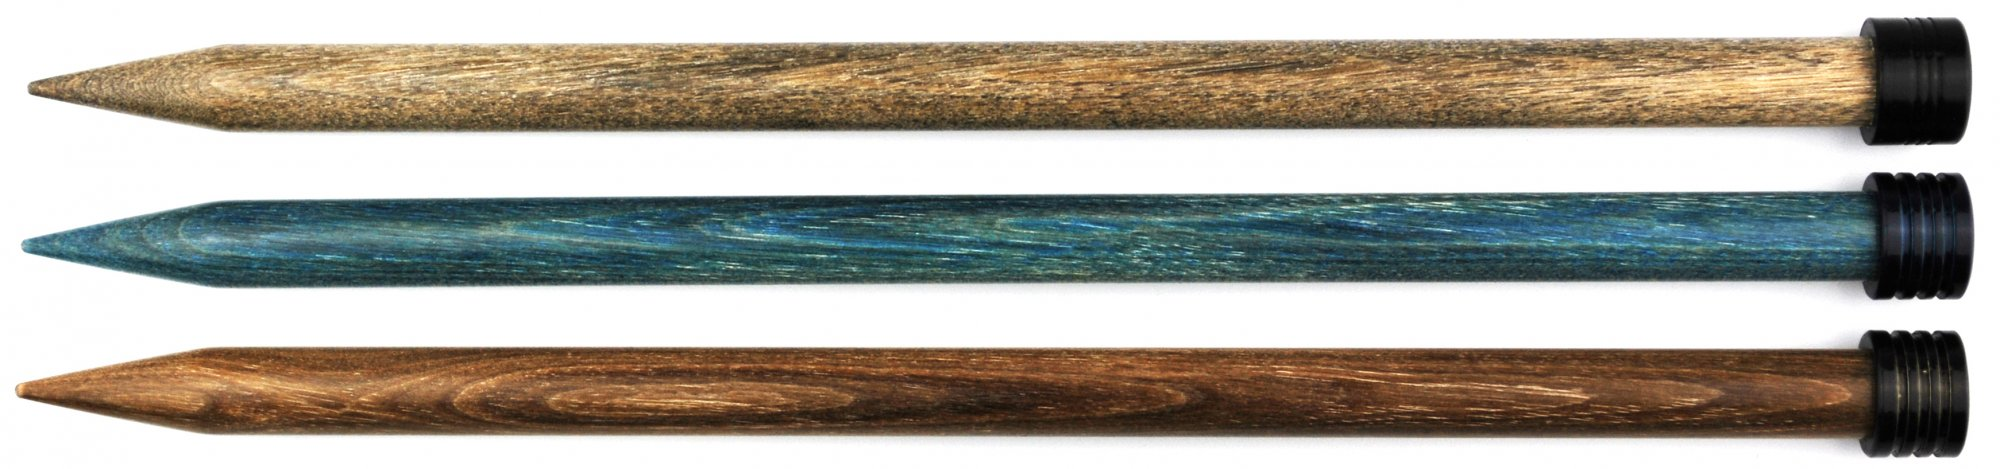 Lykke Driftwood STR 10.75- 10''